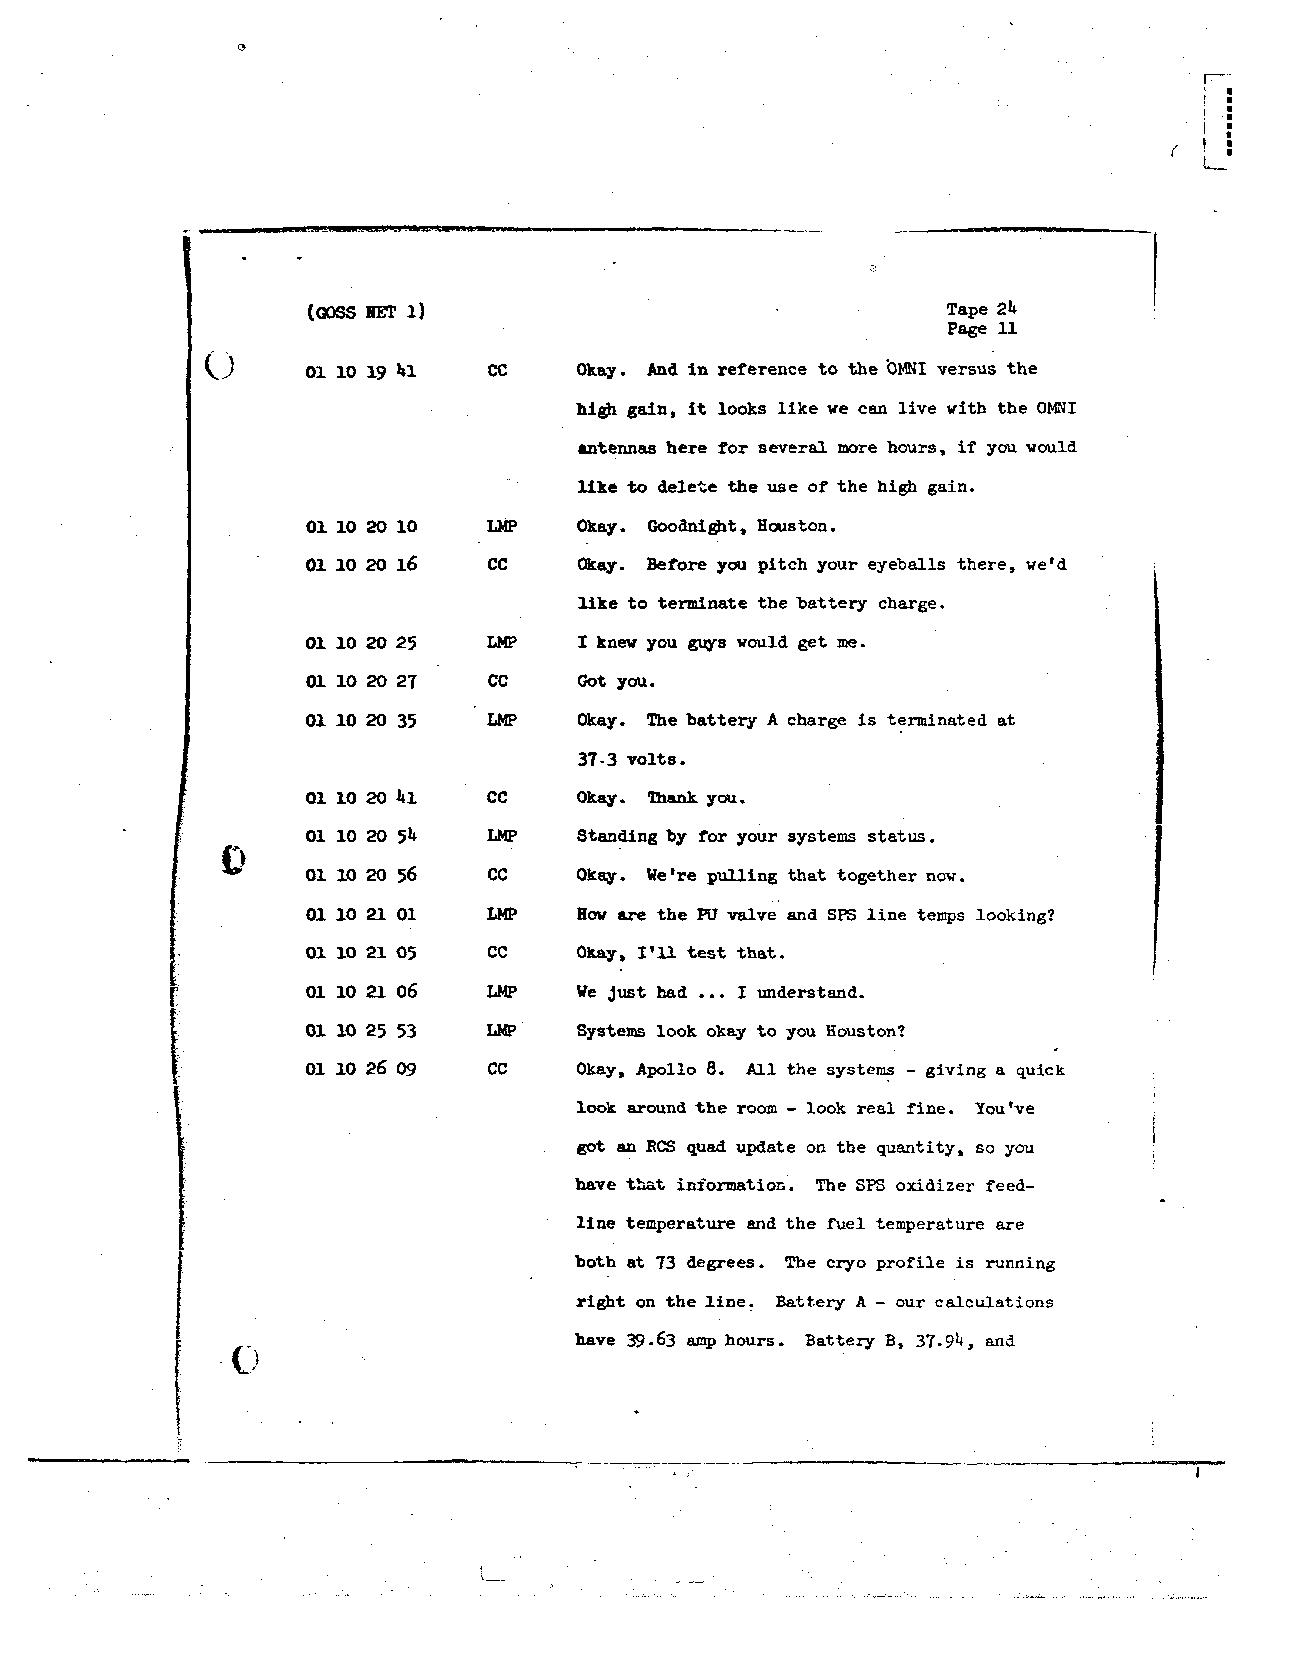 Page 196 of Apollo 8's original transcript